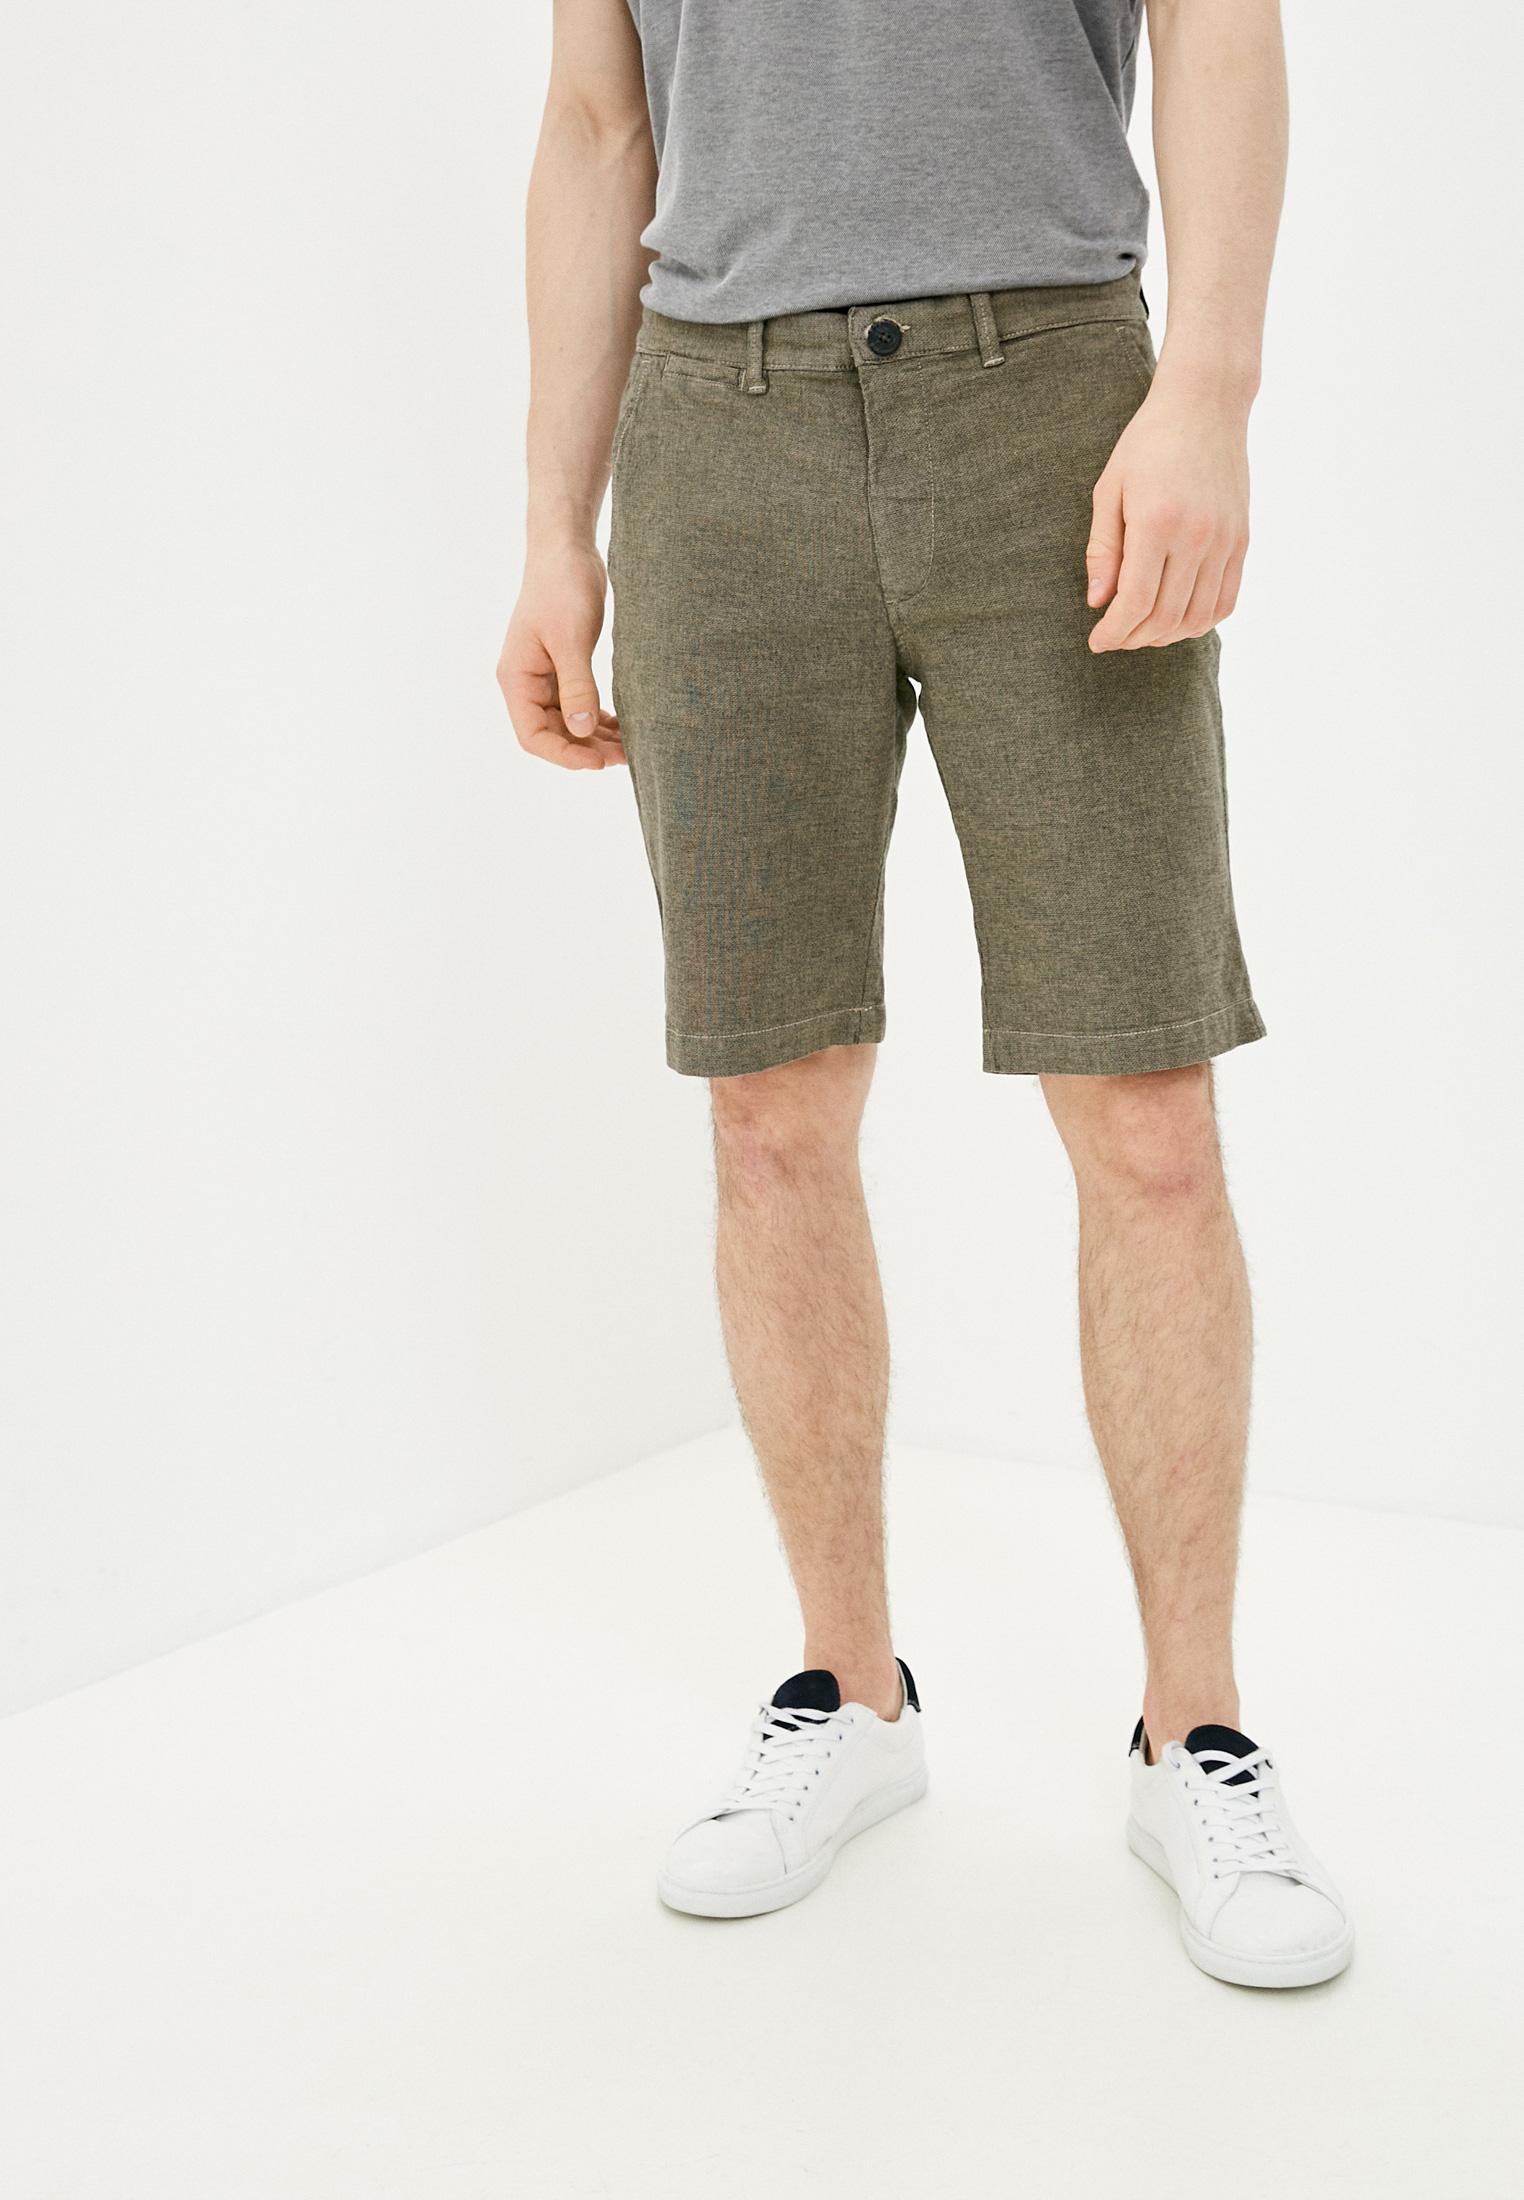 Мужские повседневные шорты Produkt Шорты Produkt